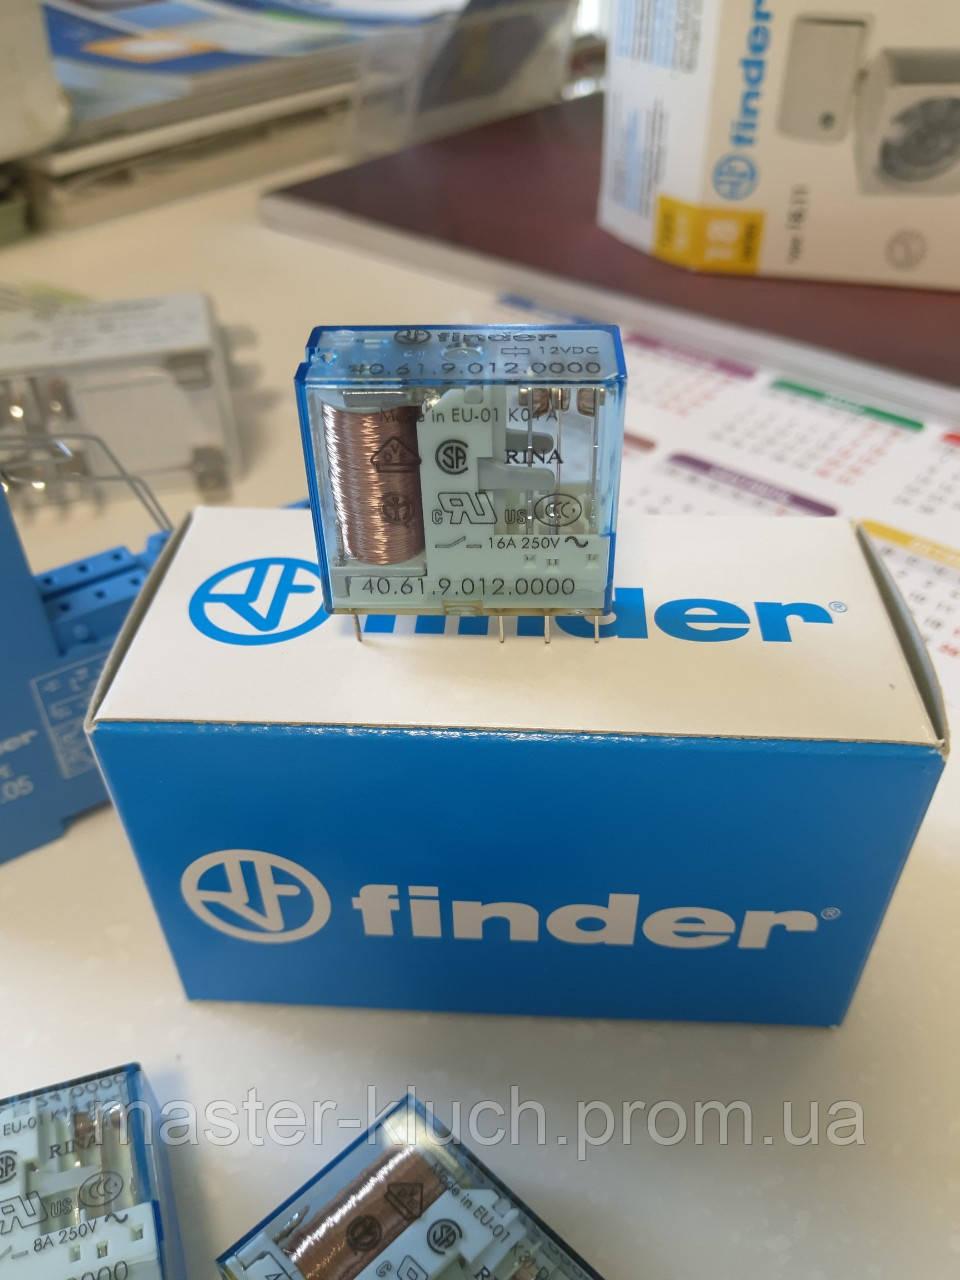 Реле промежуточное 16A 12V DC Finder 40.61.9.012.0000 миниатюрное